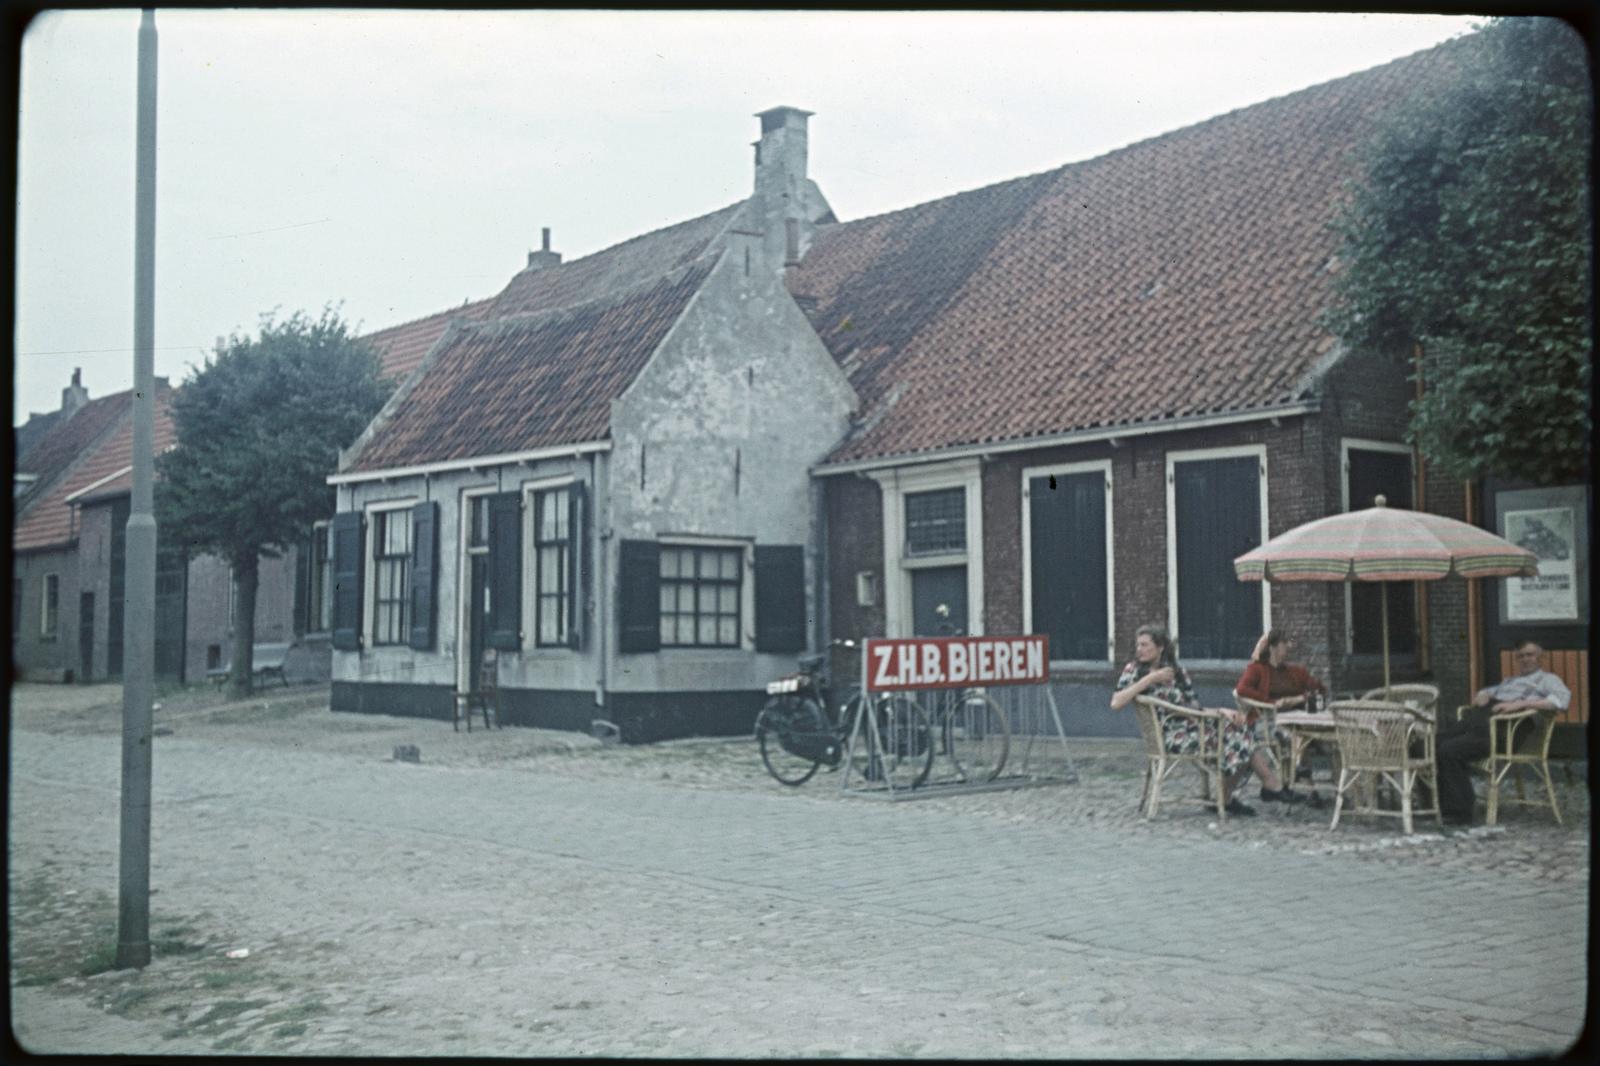 Huizen bij de haven